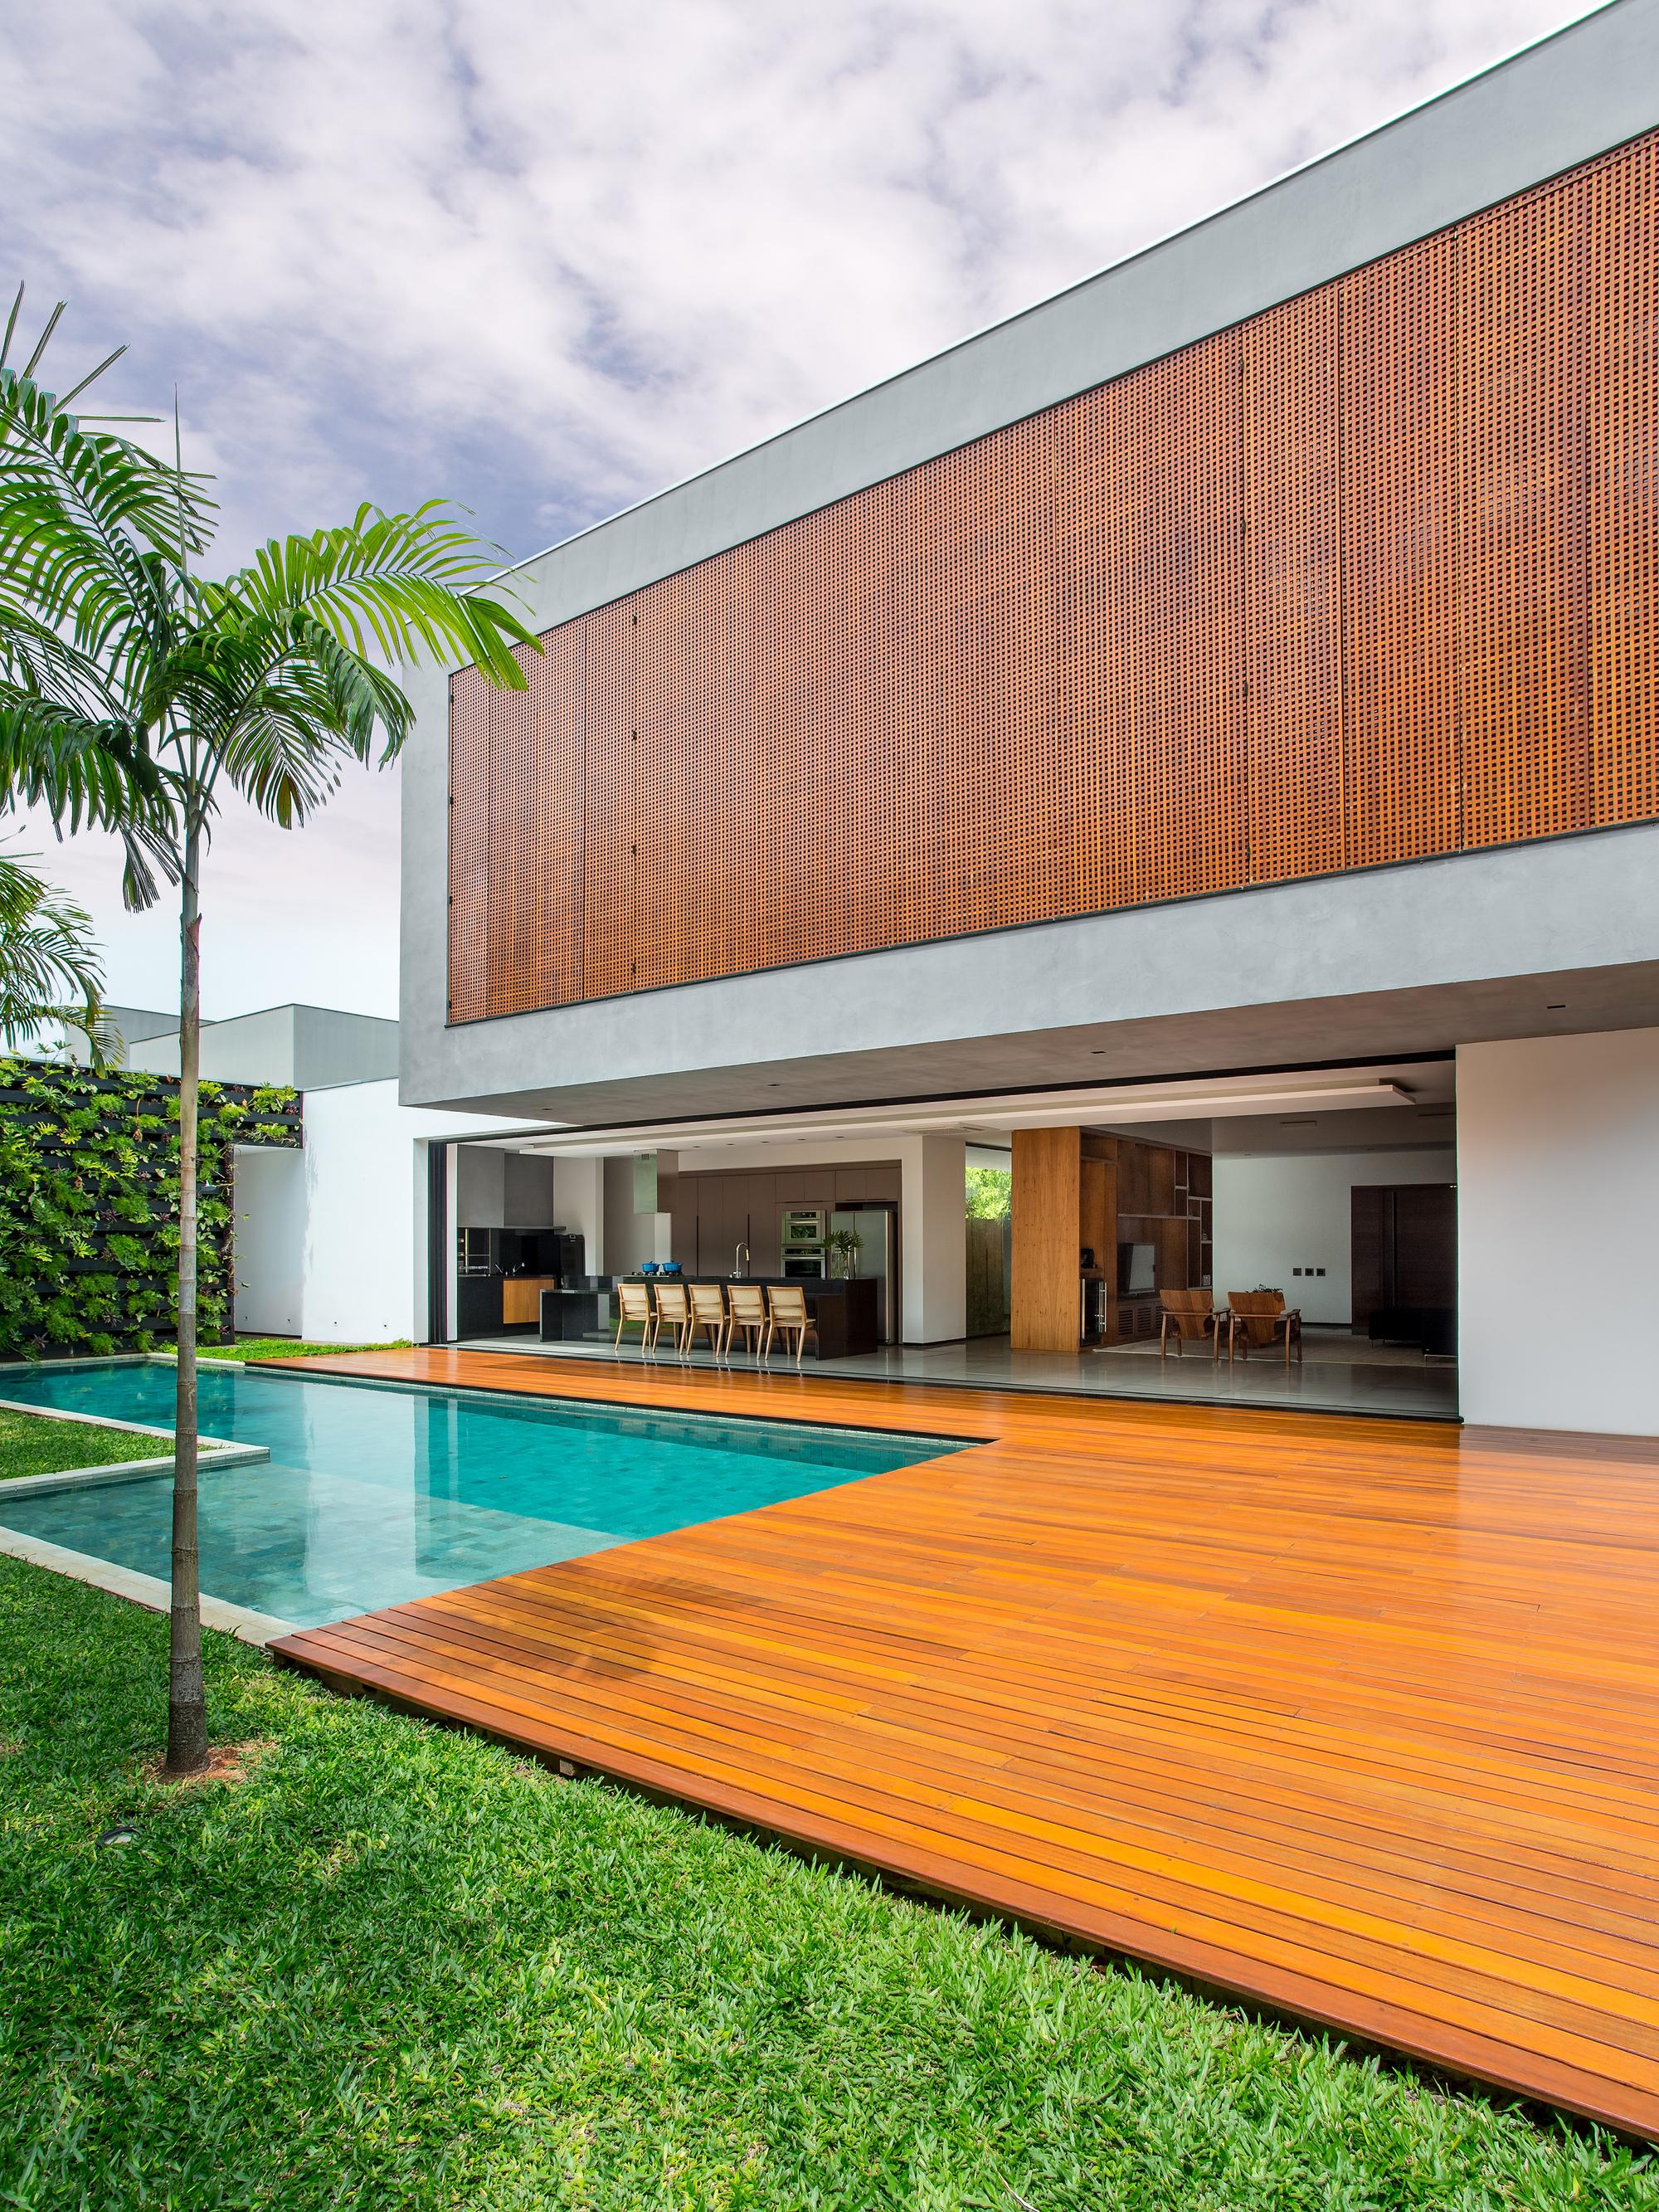 Galeria de resid ncia act cf arquitetura 7 for Ideas para piscinas casas